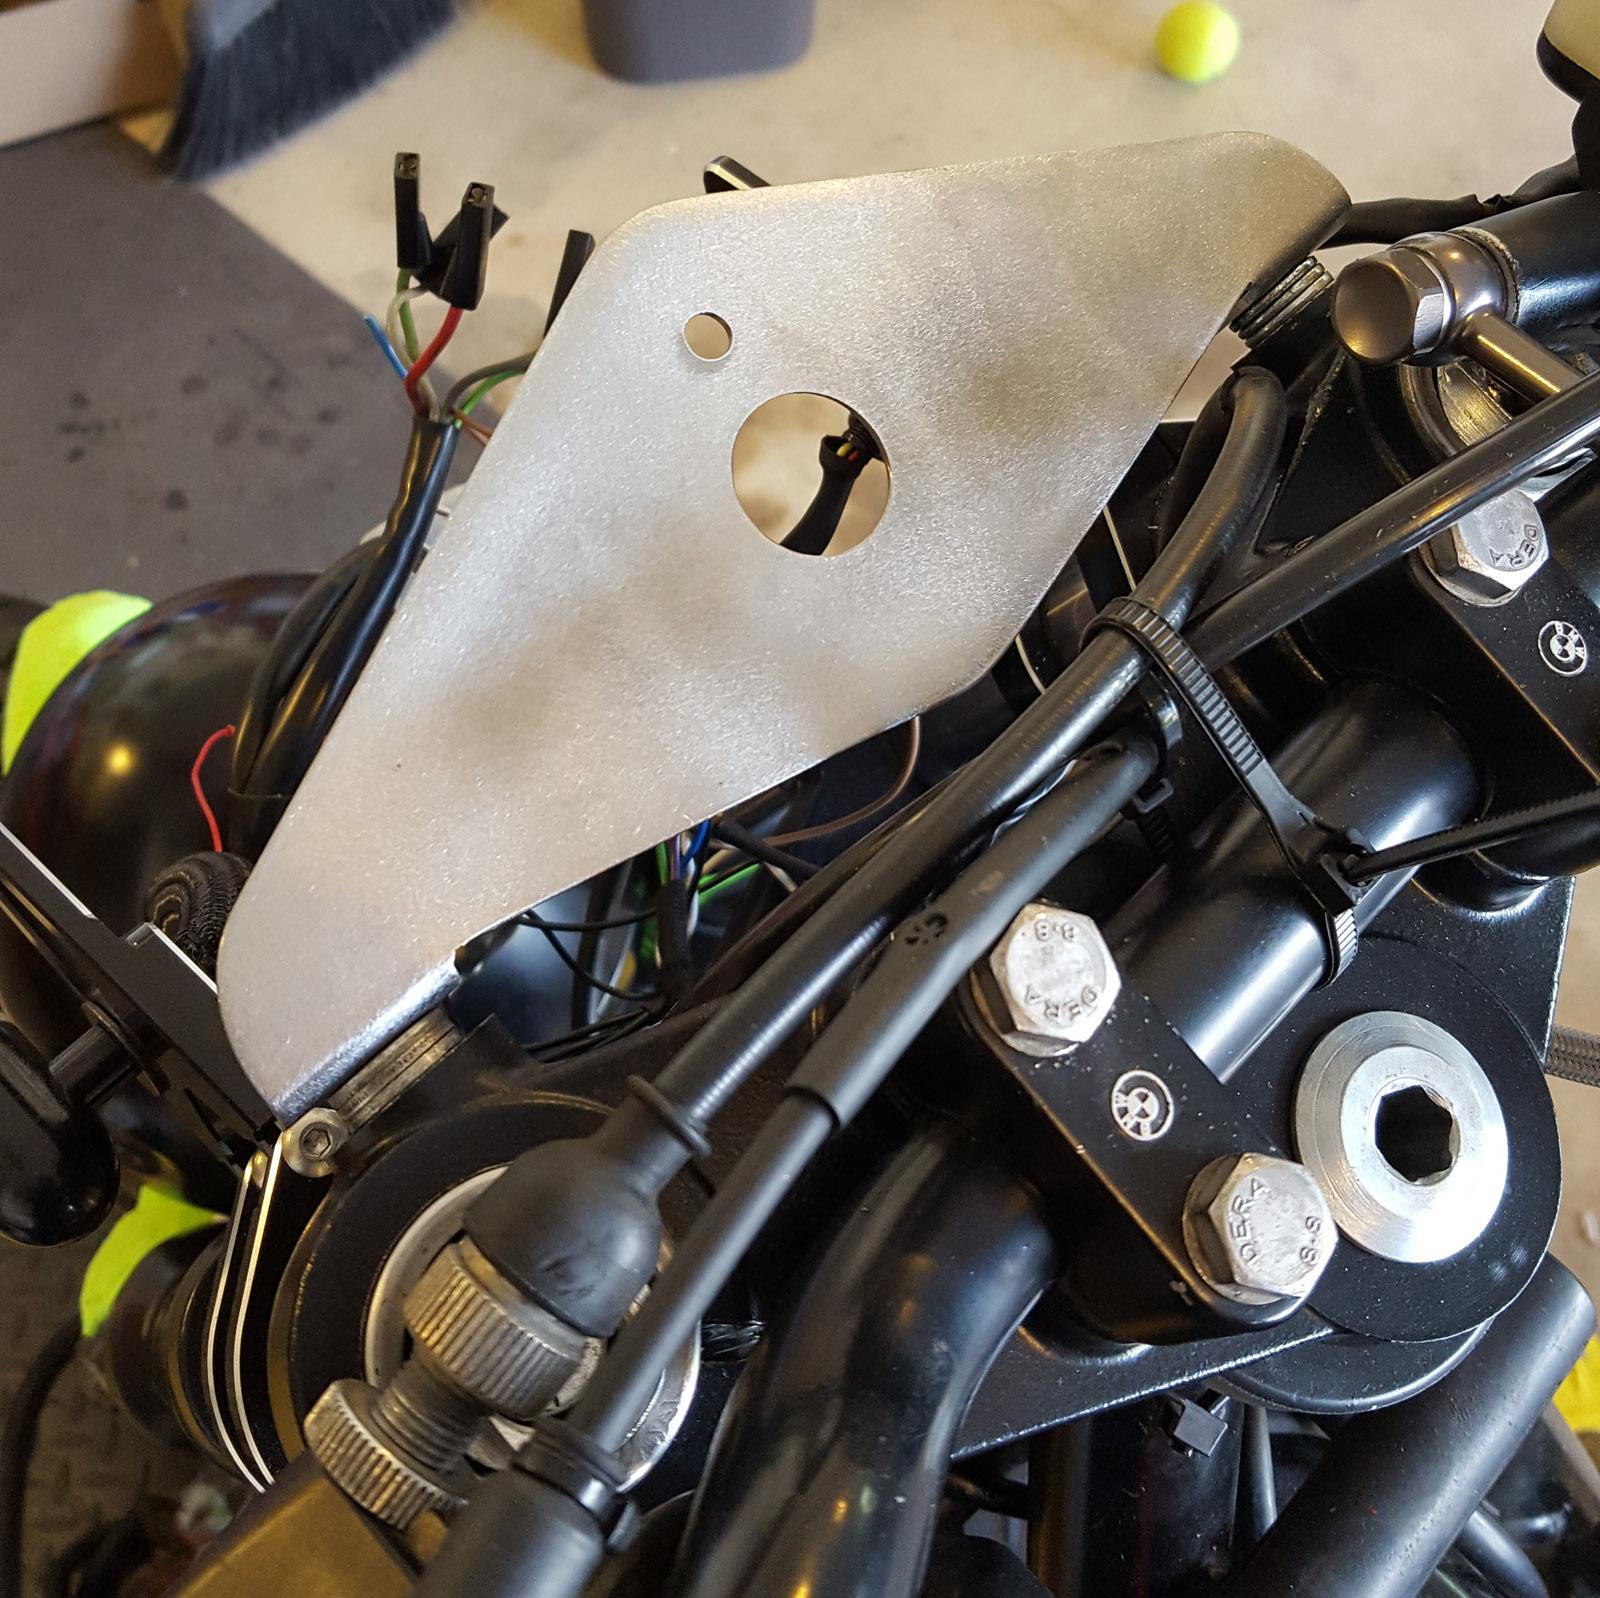 r65-build-059_001.jpg